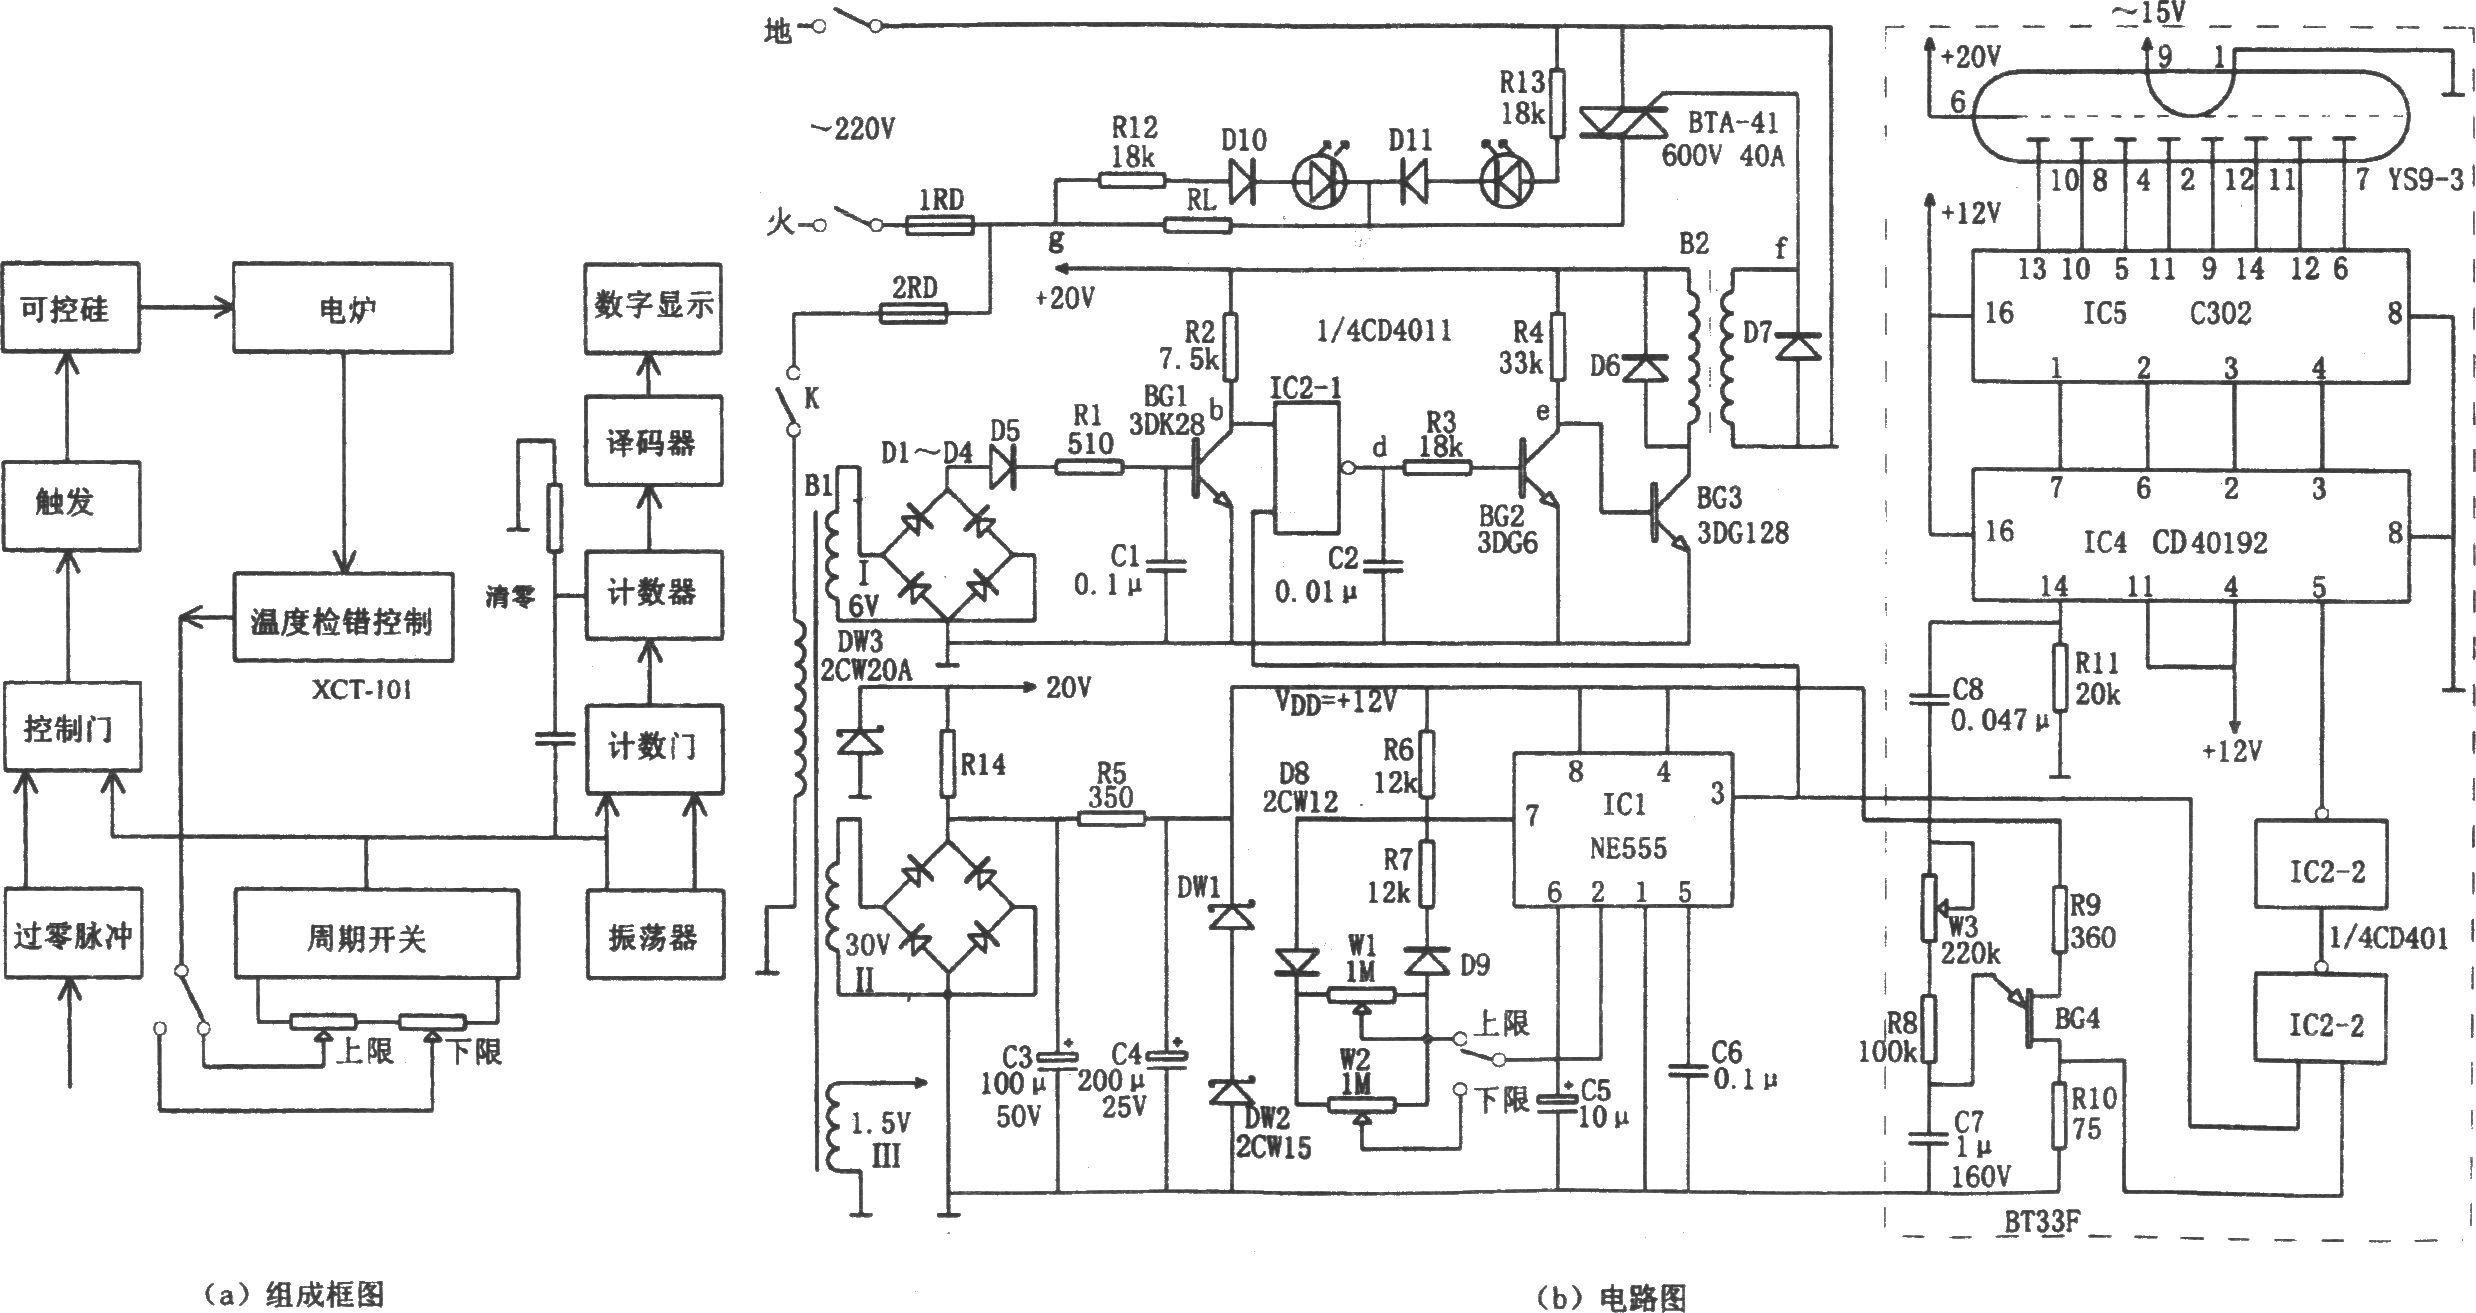 该温控装置由信号检测温度控制电路,过零检测电路,周期开关,触发控制